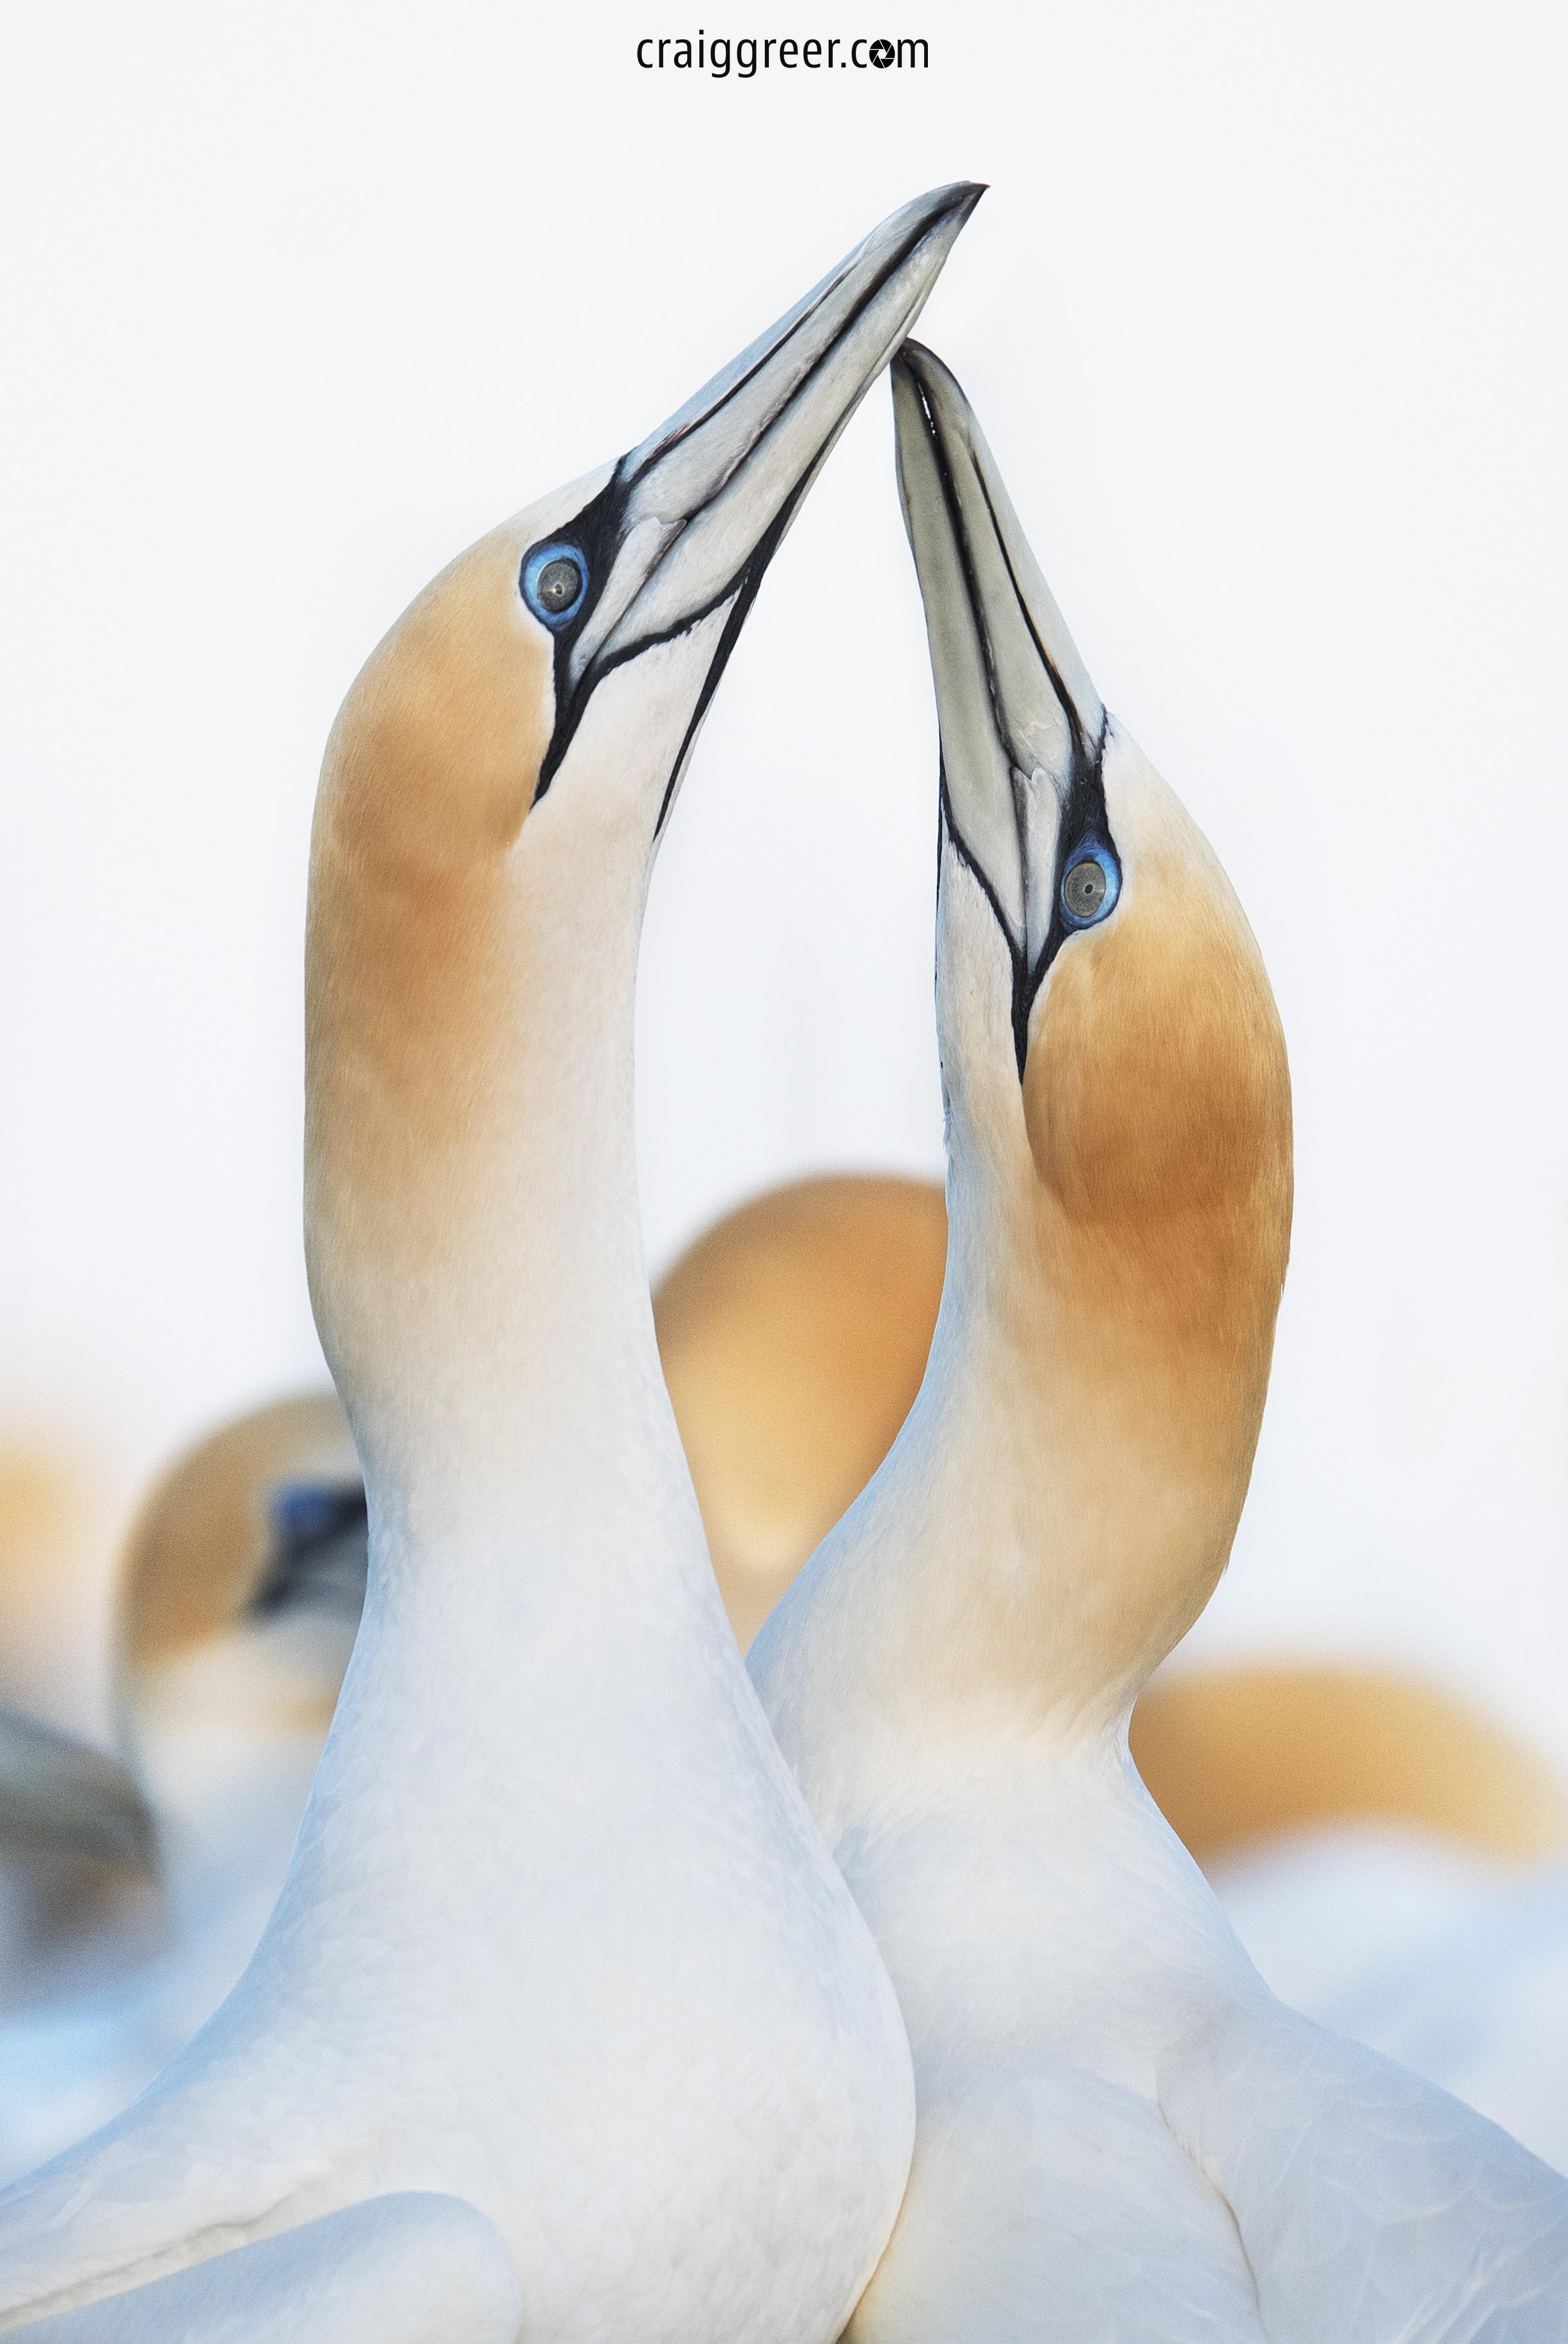 Australasian-Gannet-Point-Danger-01-10-18.jpg